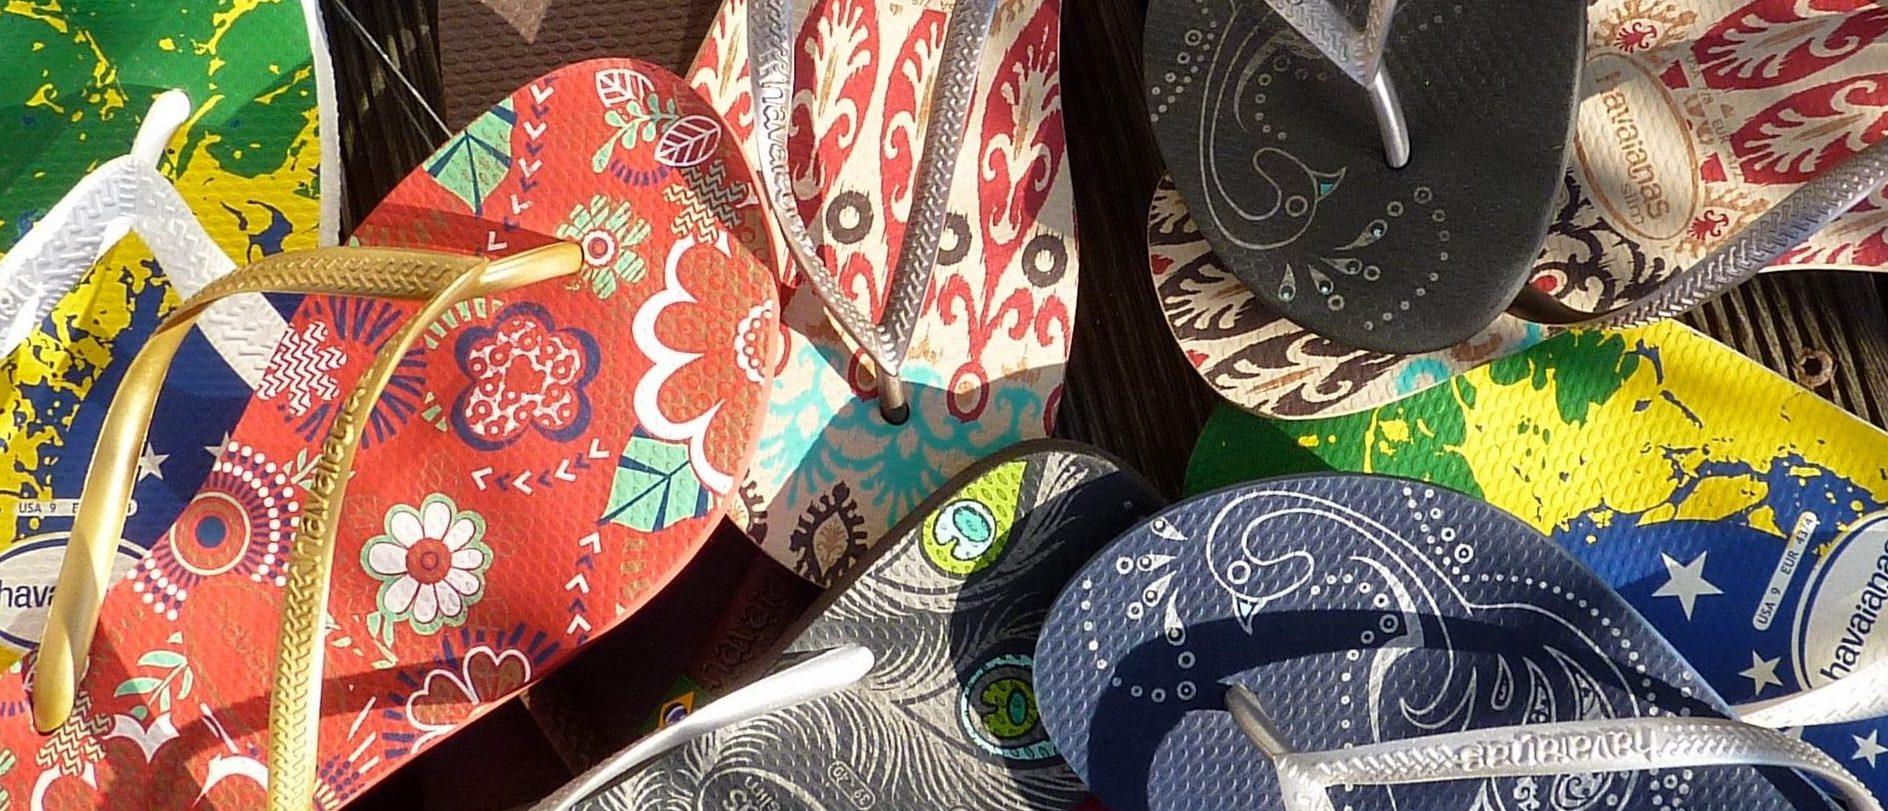 Flip Flops von Havaianas